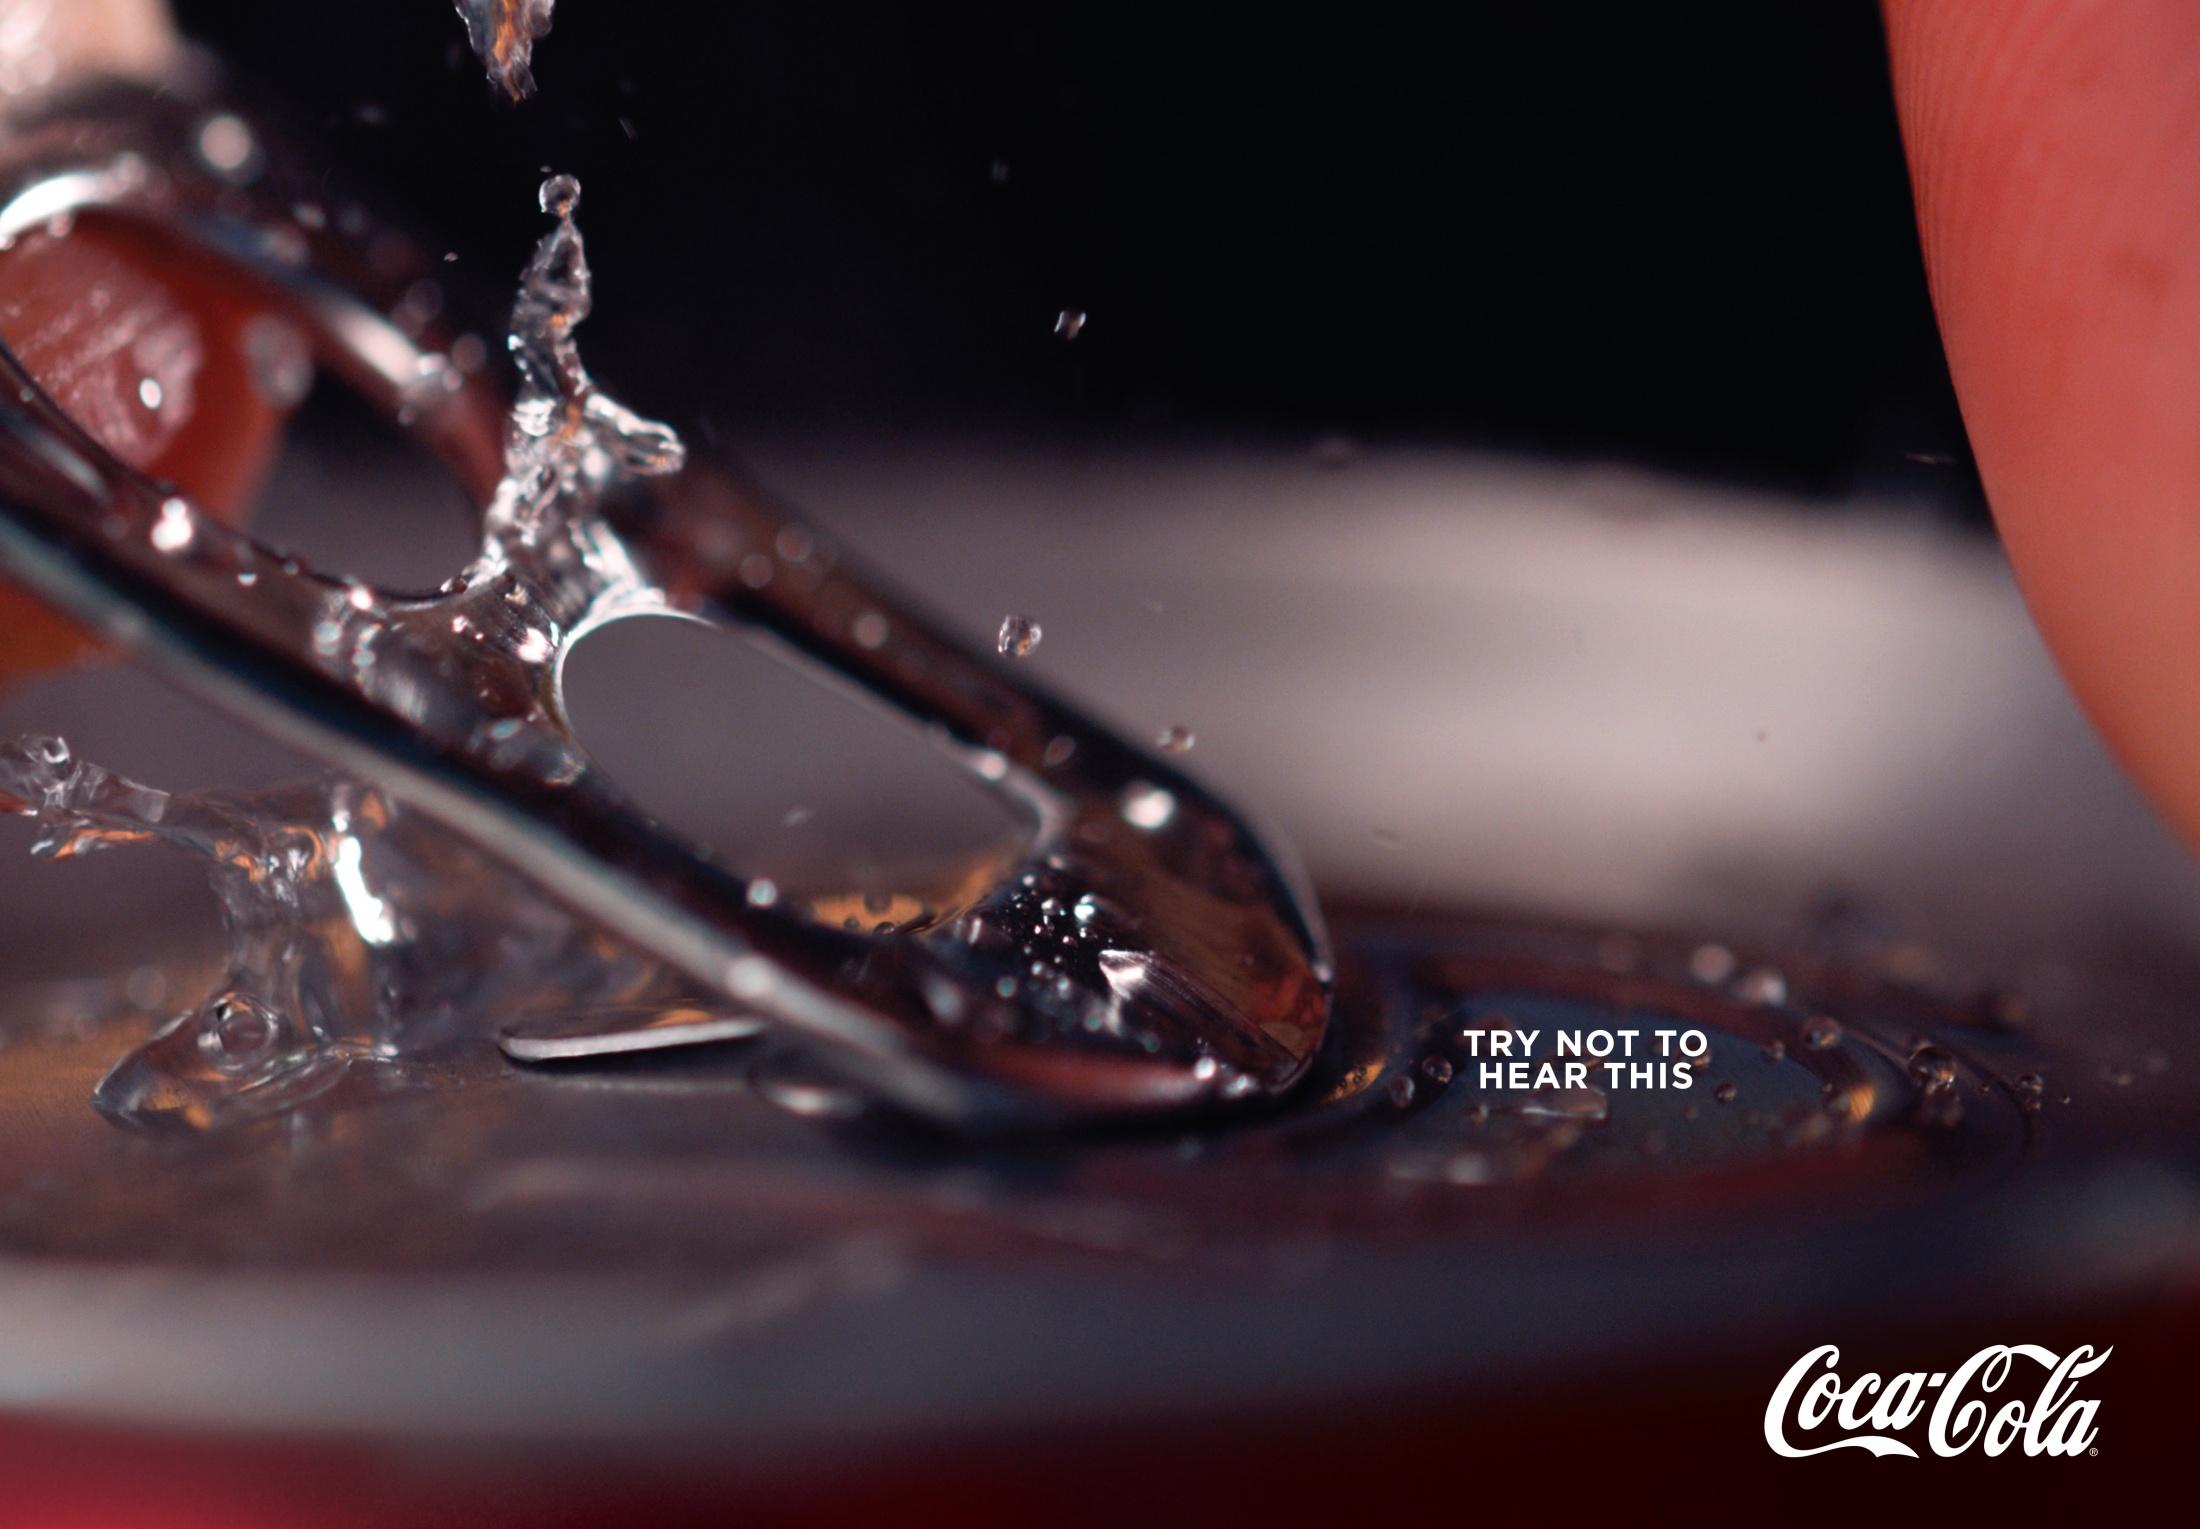 Thumbnail for Coke Ktchkk